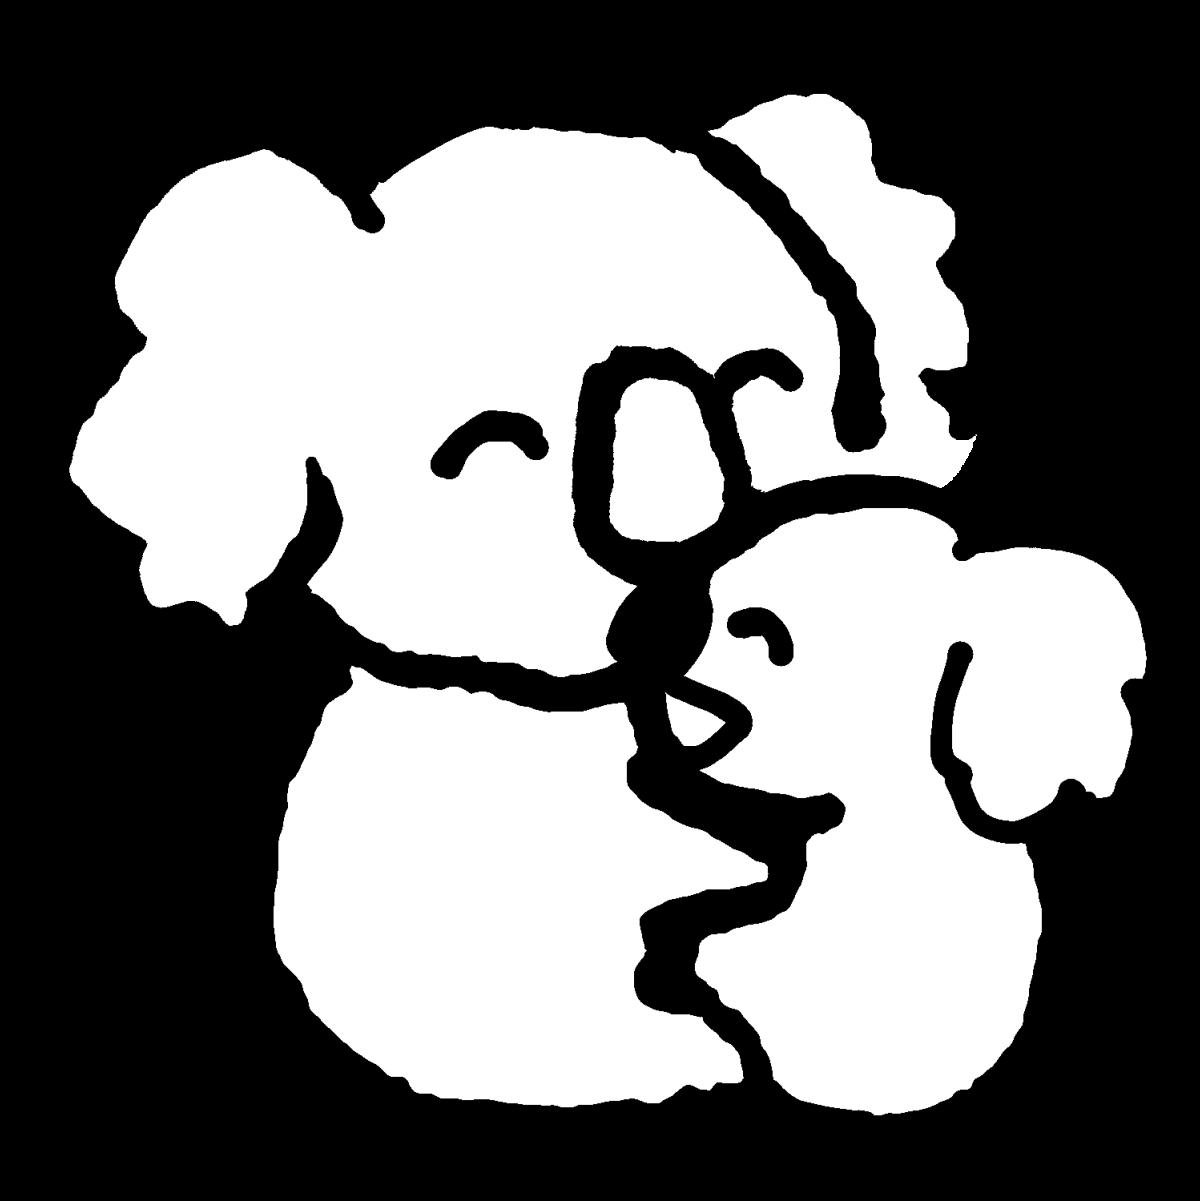 コアラの親子のイラスト / Koala family Illustration